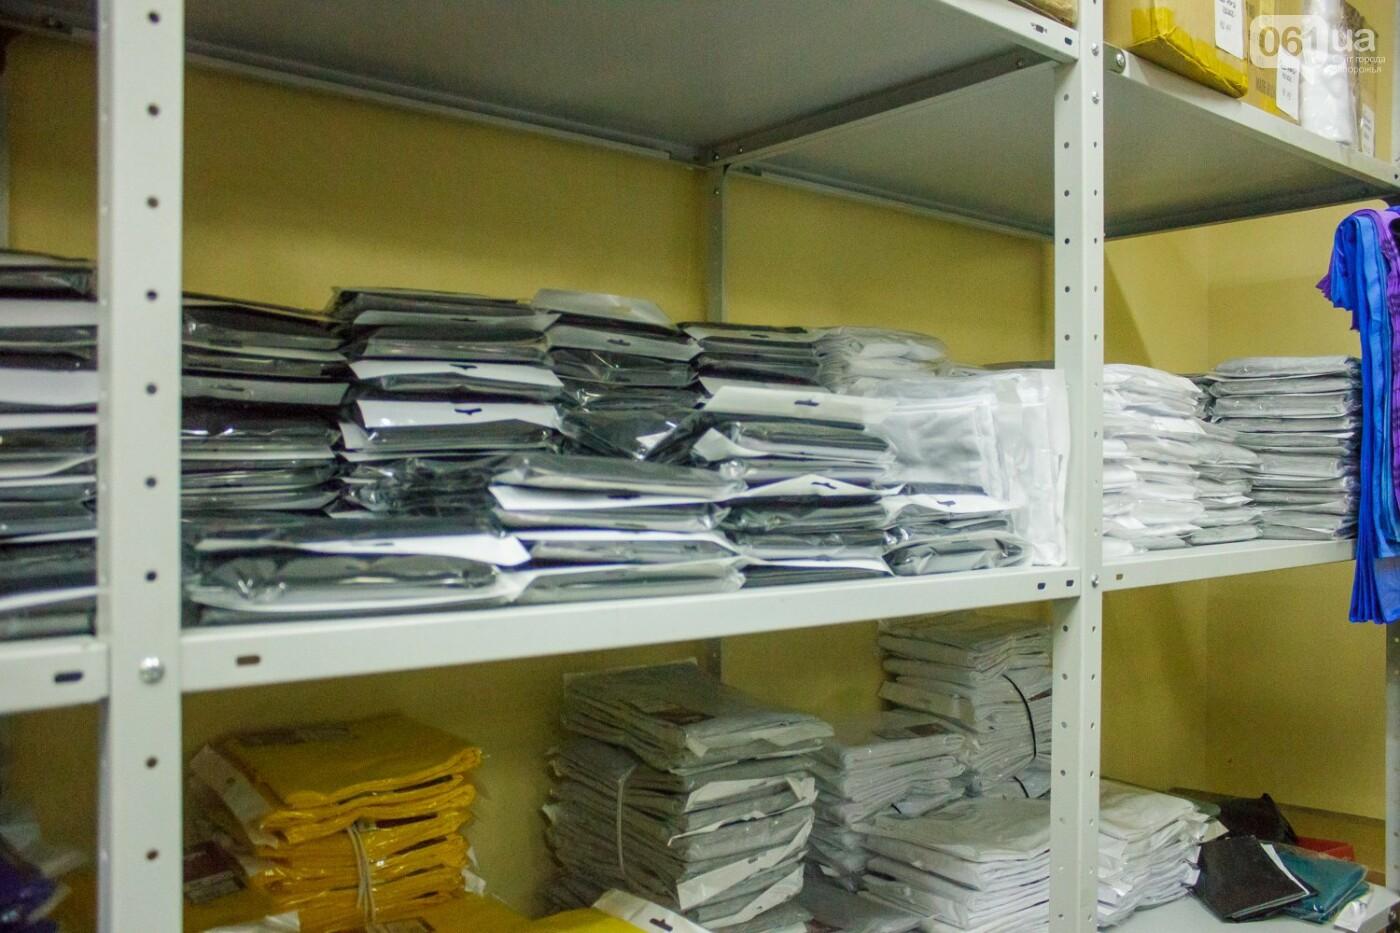 Как в Запорожье шьют мужское белье: экскурсия на трикотажную фабрику, – ФОТОРЕПОРТАЖ, фото-56